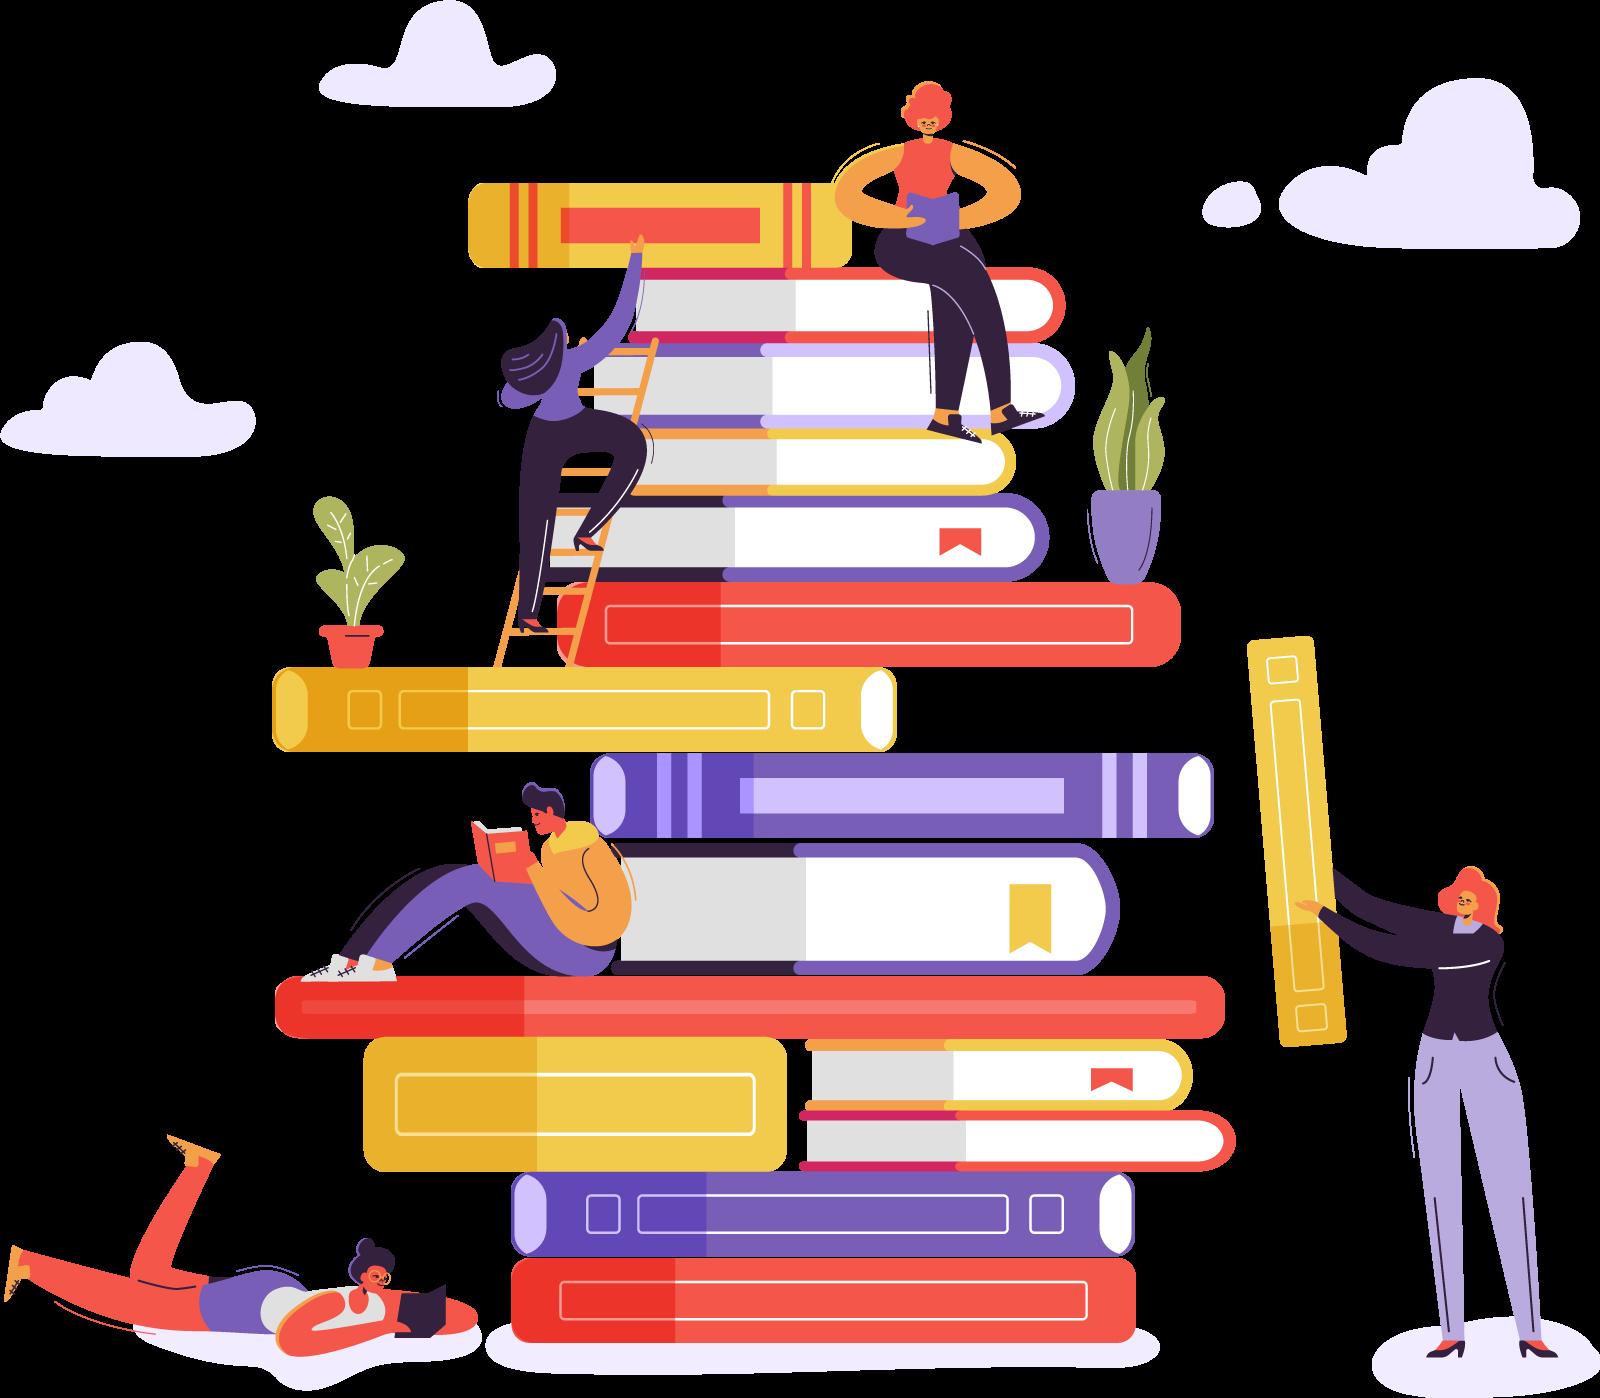 Ilustração - Recicle seus conhecimentos